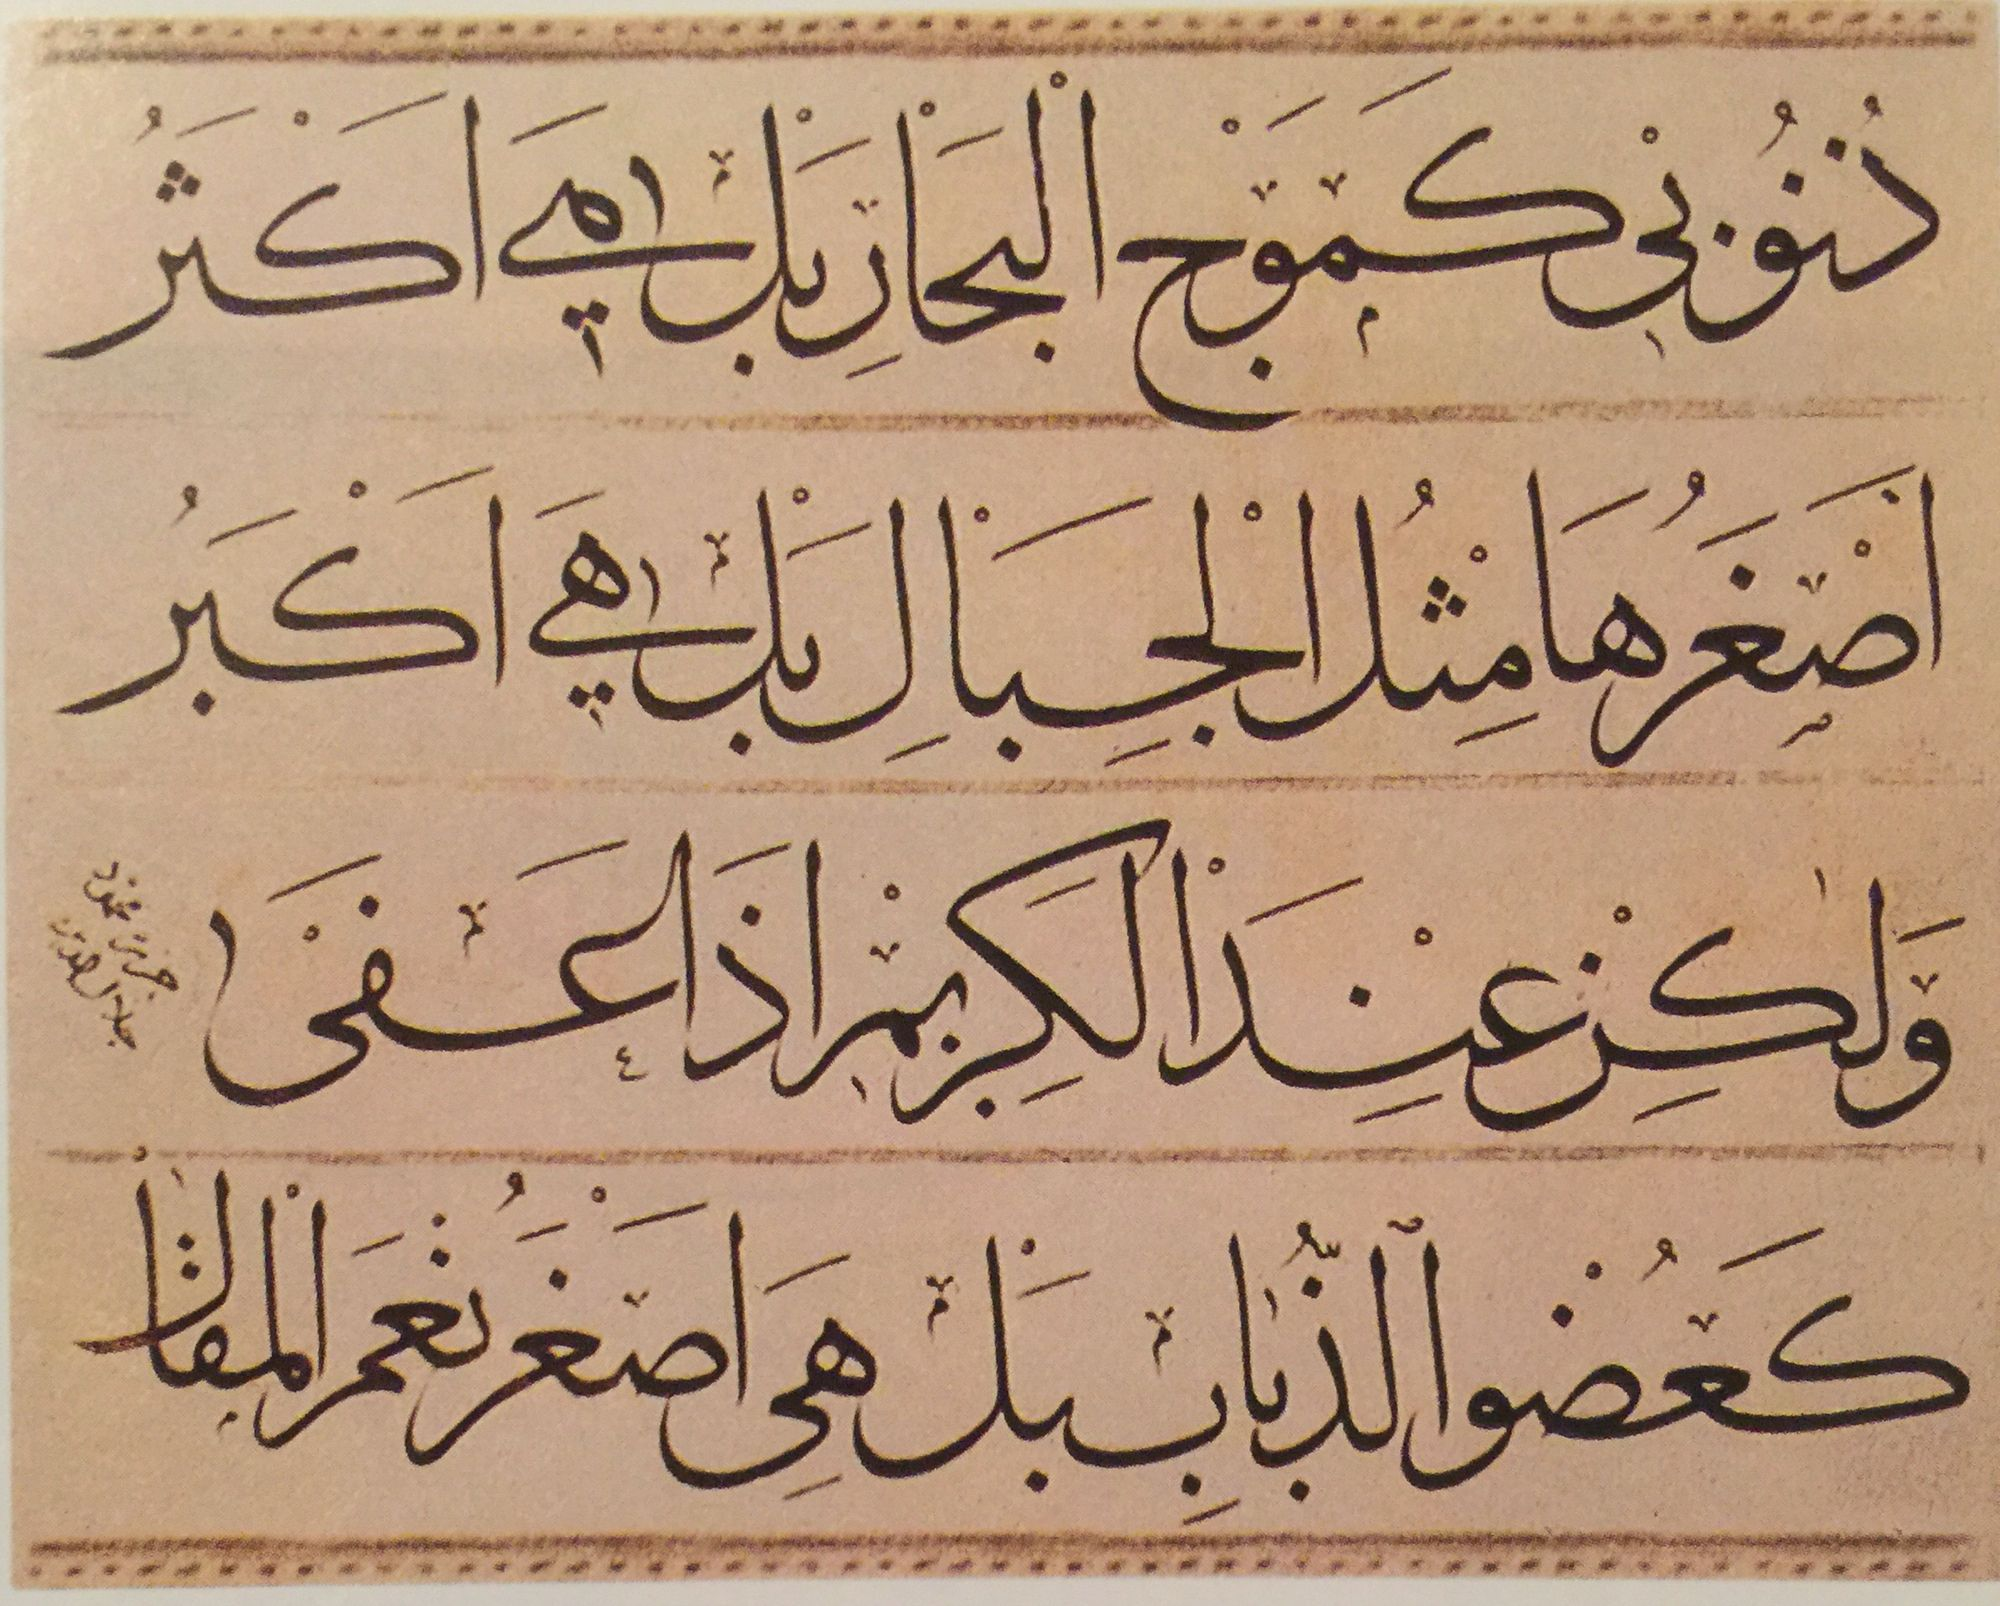 بيتين شعر بخط الثلث للخطاط محمود جلال الدين Sanat Hat Sanati